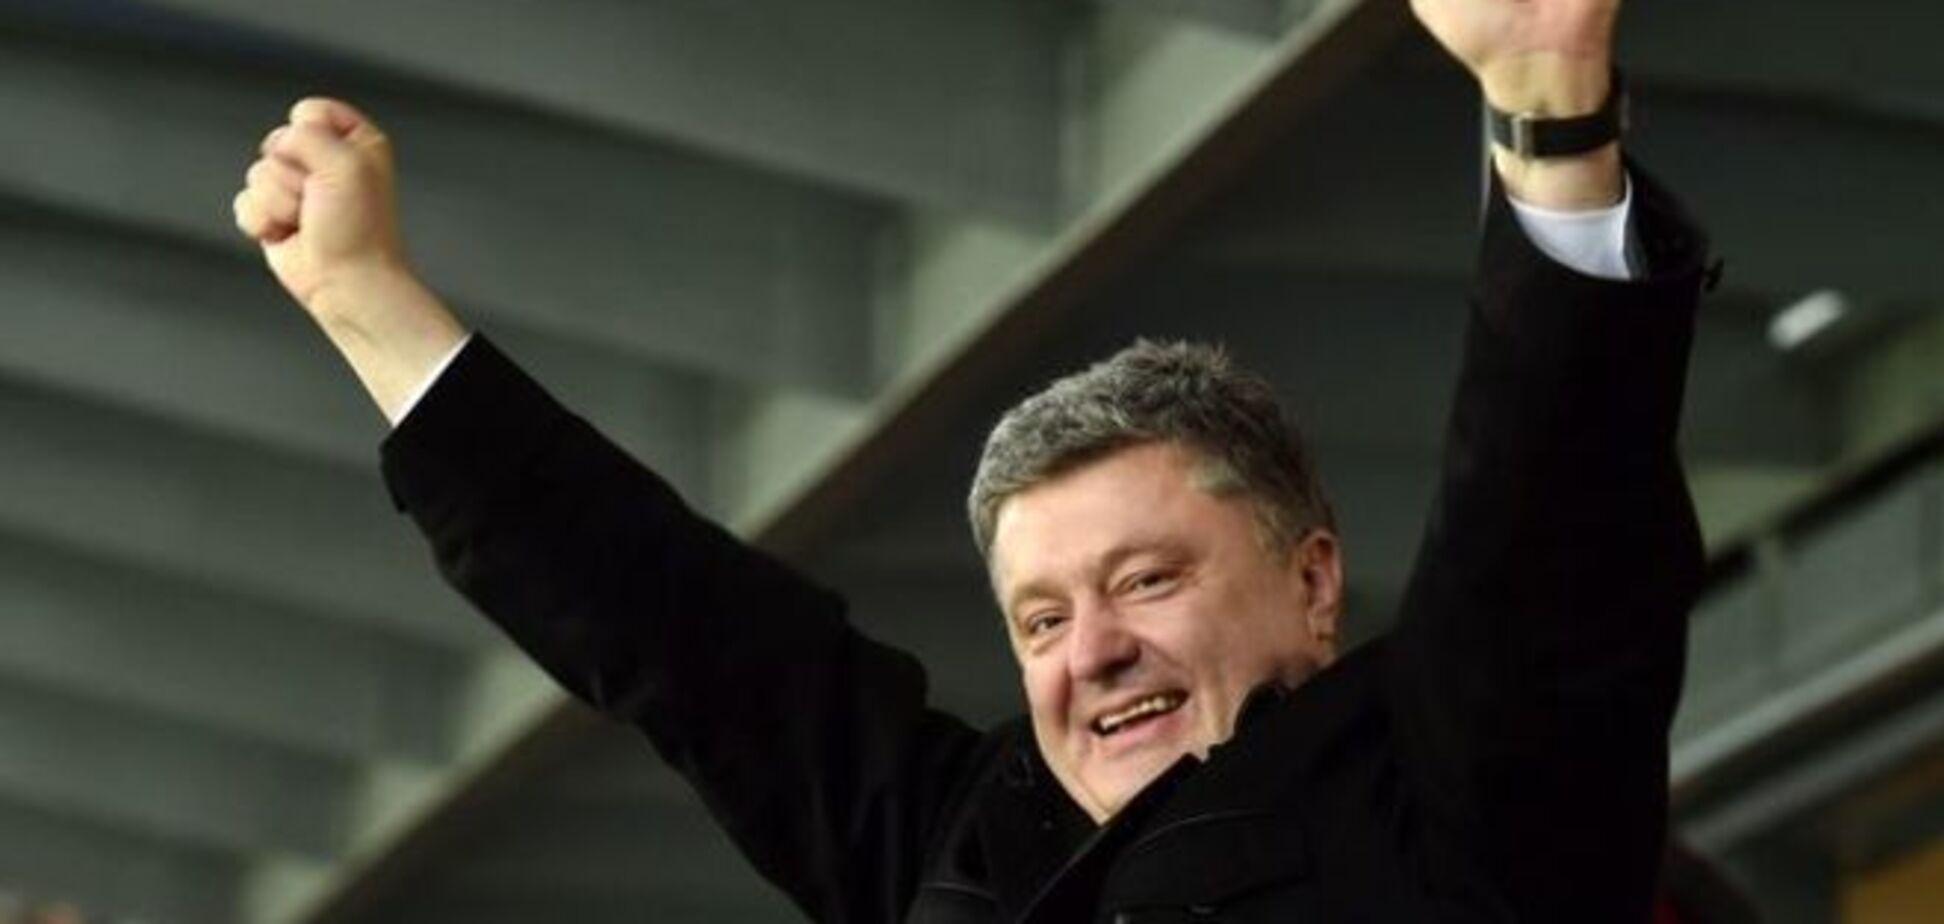 'Где козак, там и слава'. Порошенко поздравил Усика с победой над россиянином